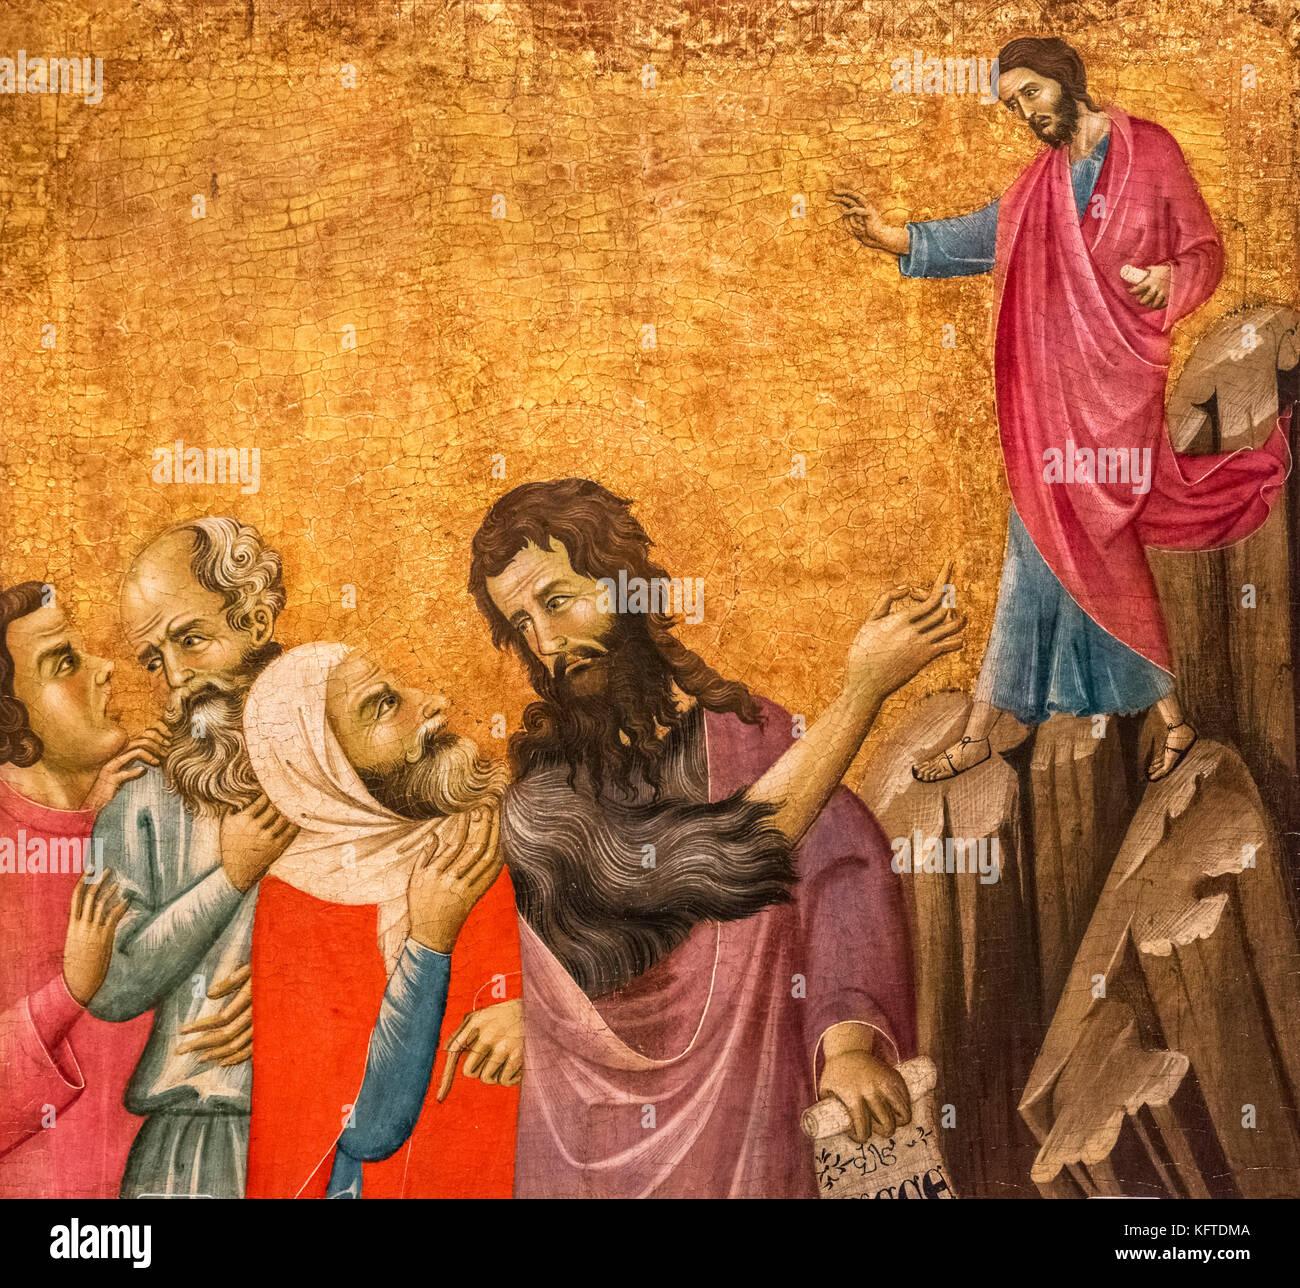 Das Zeugnis des Johannes der Täufer von Meister von San Torpe (active C. 1290-1325), Tempera auf panel, c 1310 Stockbild